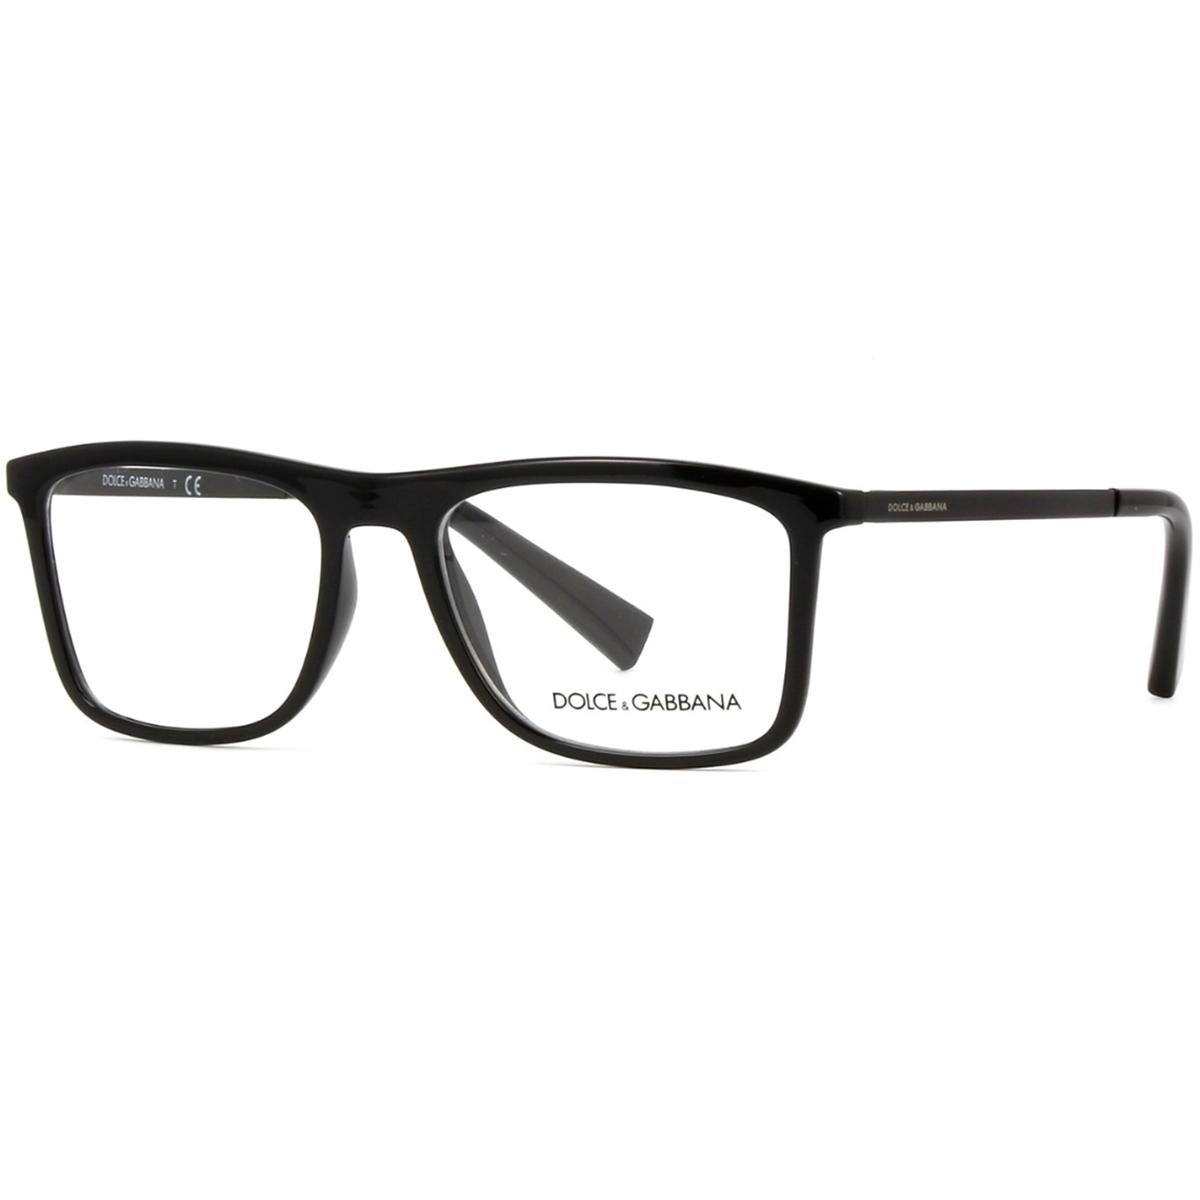 44303d3761519 Compre Óculos de Grau Dolce   Gabbana em 10X   Tri-Jóia Shop